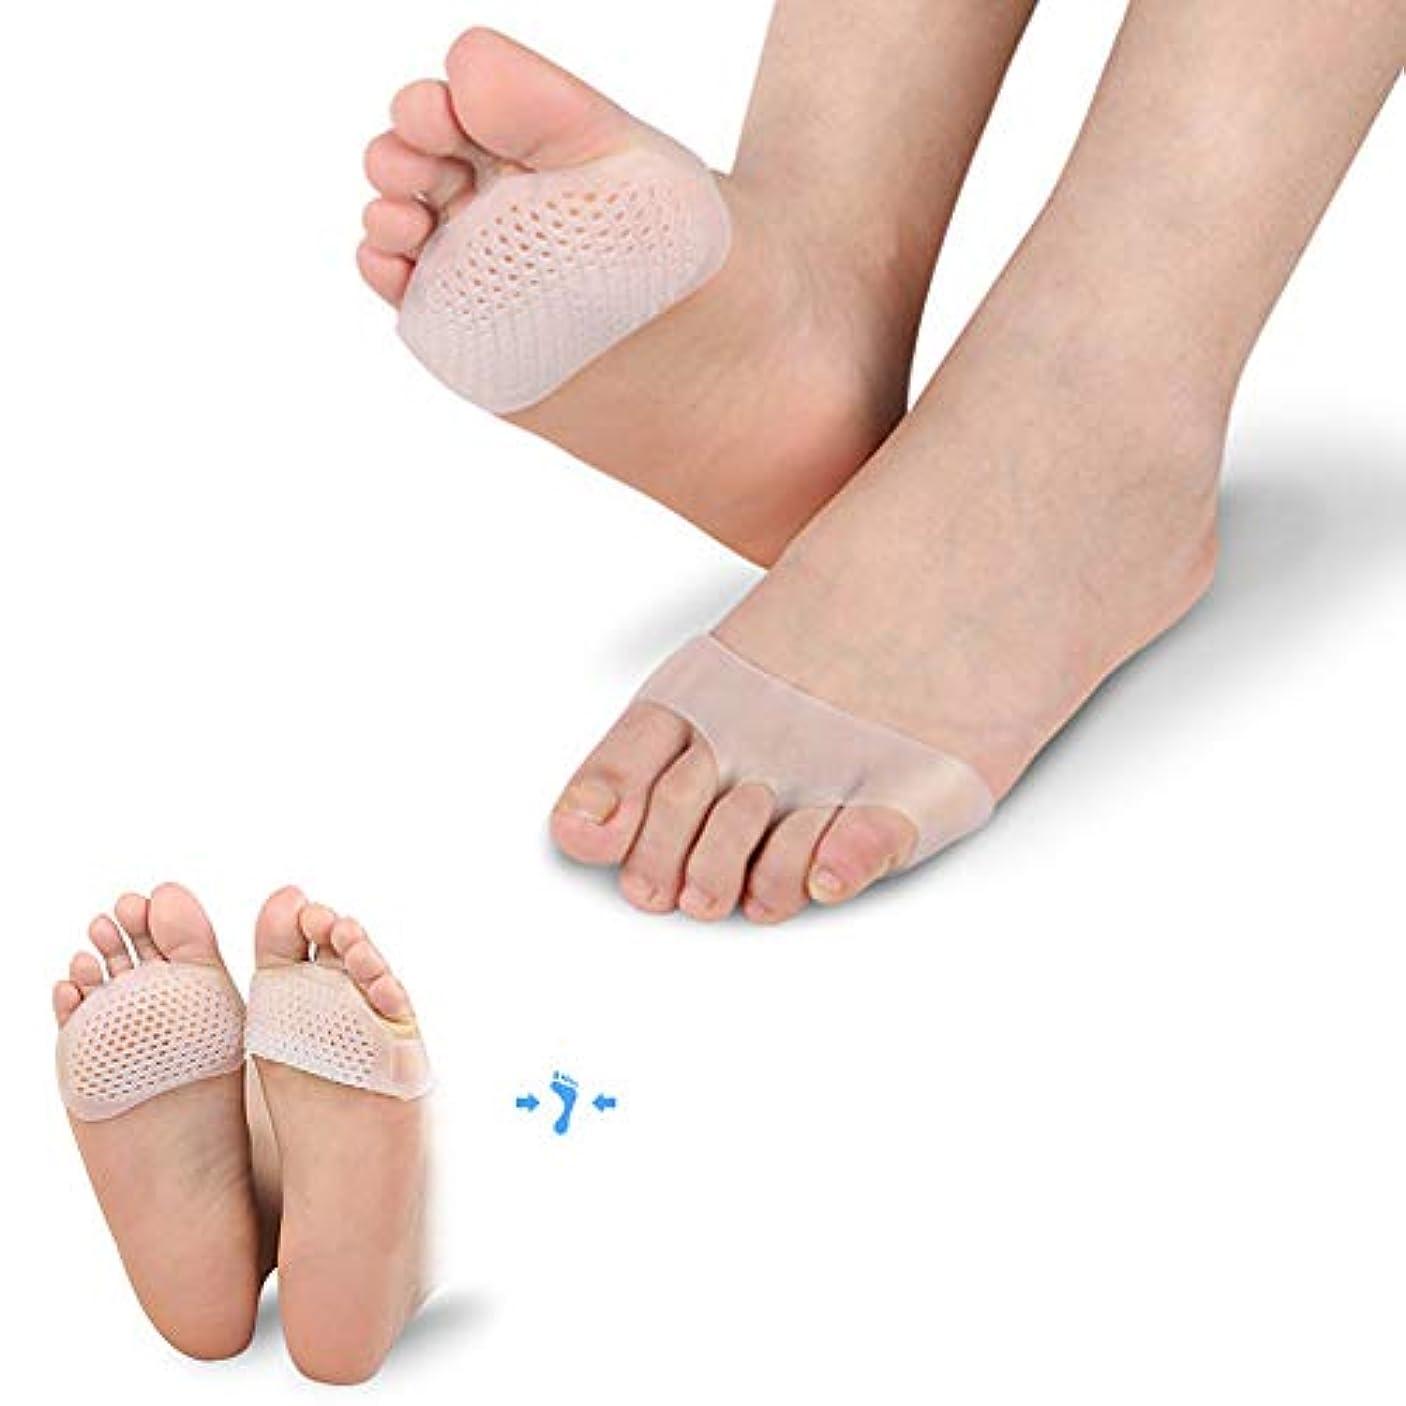 リーガン現象コンテンツ5ペアシリコンつま先セパレータ痛み緩和クッションソフトジェルインソール前足パッド見えない靴スリップ耐性インソールフットケア